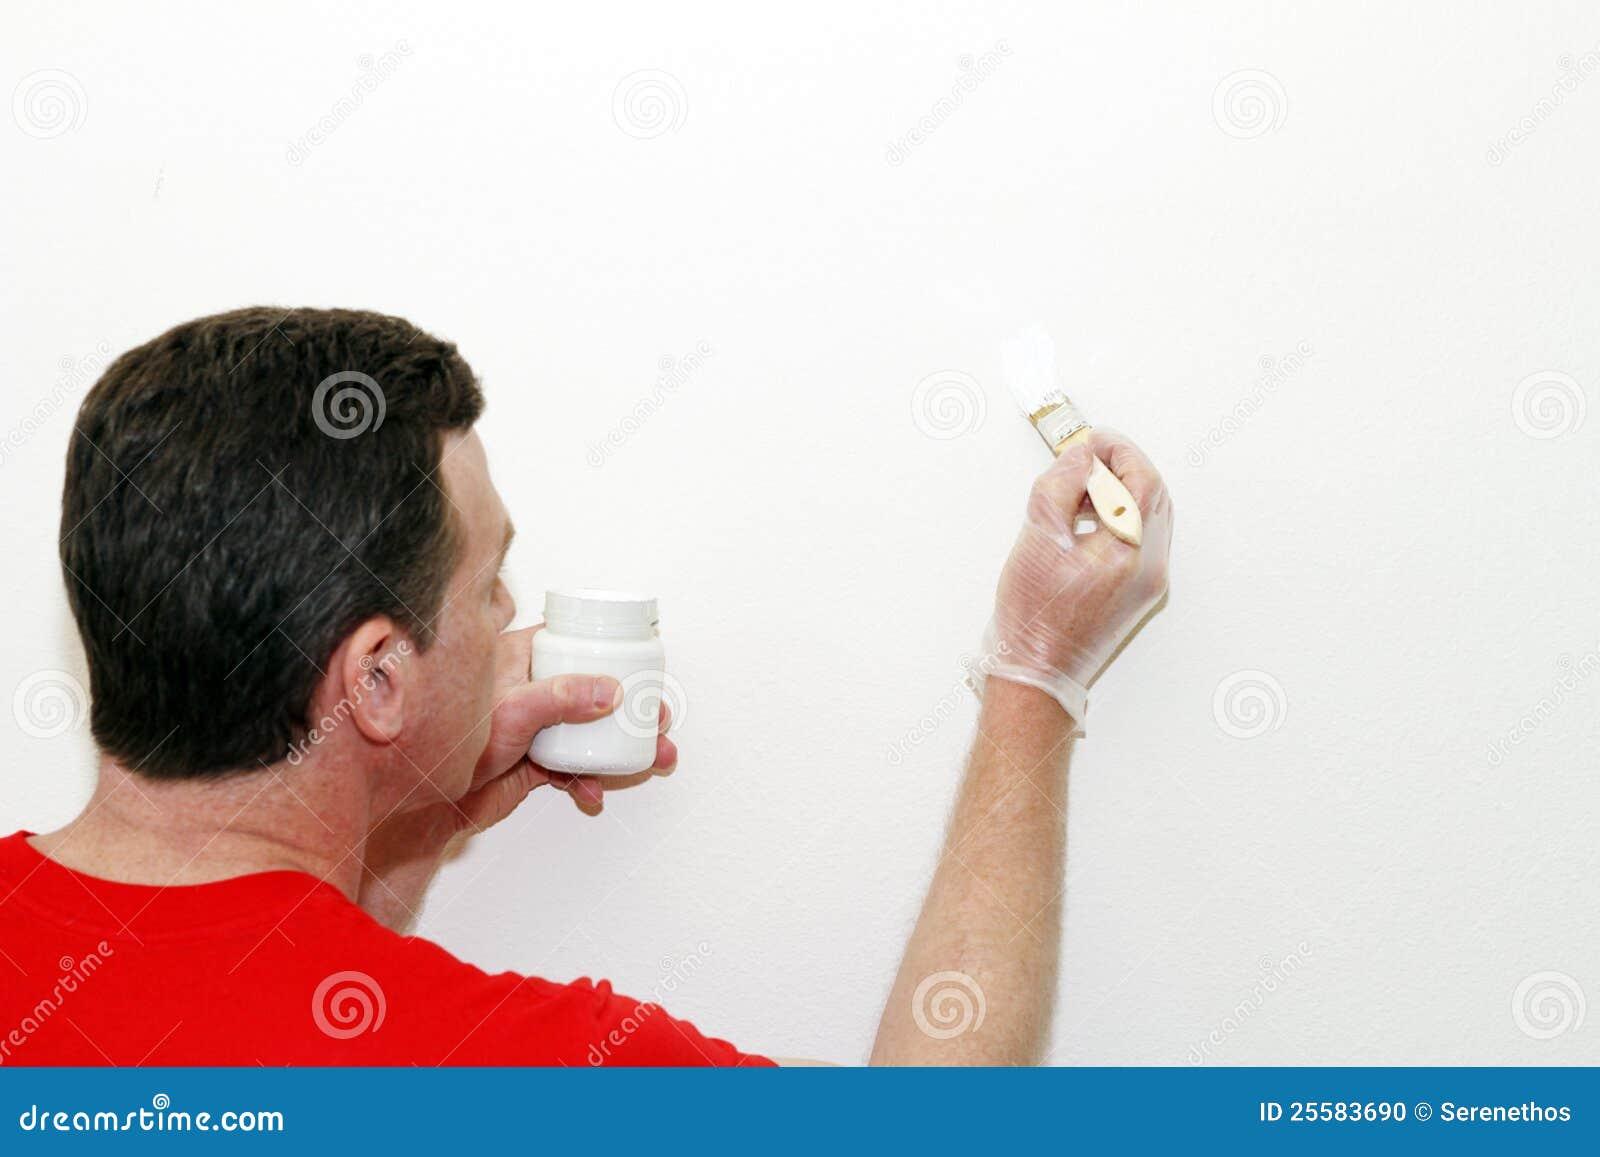 Peinture de retouche de peinture d 39 homme photo stock image 25583690 - Retouche peinture mur ...